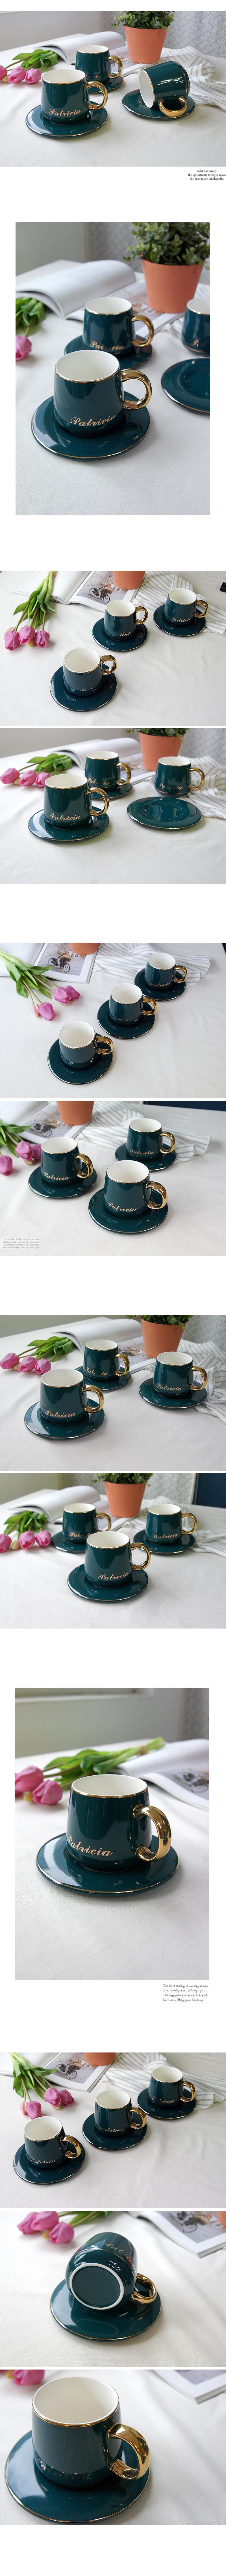 DS-터키쉬 골드 커피잔 1인 세트 - 리빙톡톡, 23,800원, 커피잔/찻잔, 커피잔/찻잔 세트